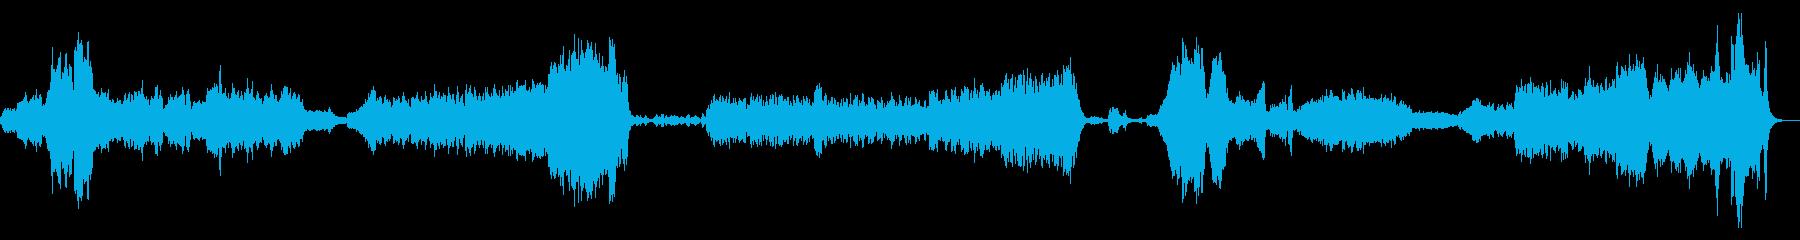 『木星』オーケストラ ホルストの再生済みの波形